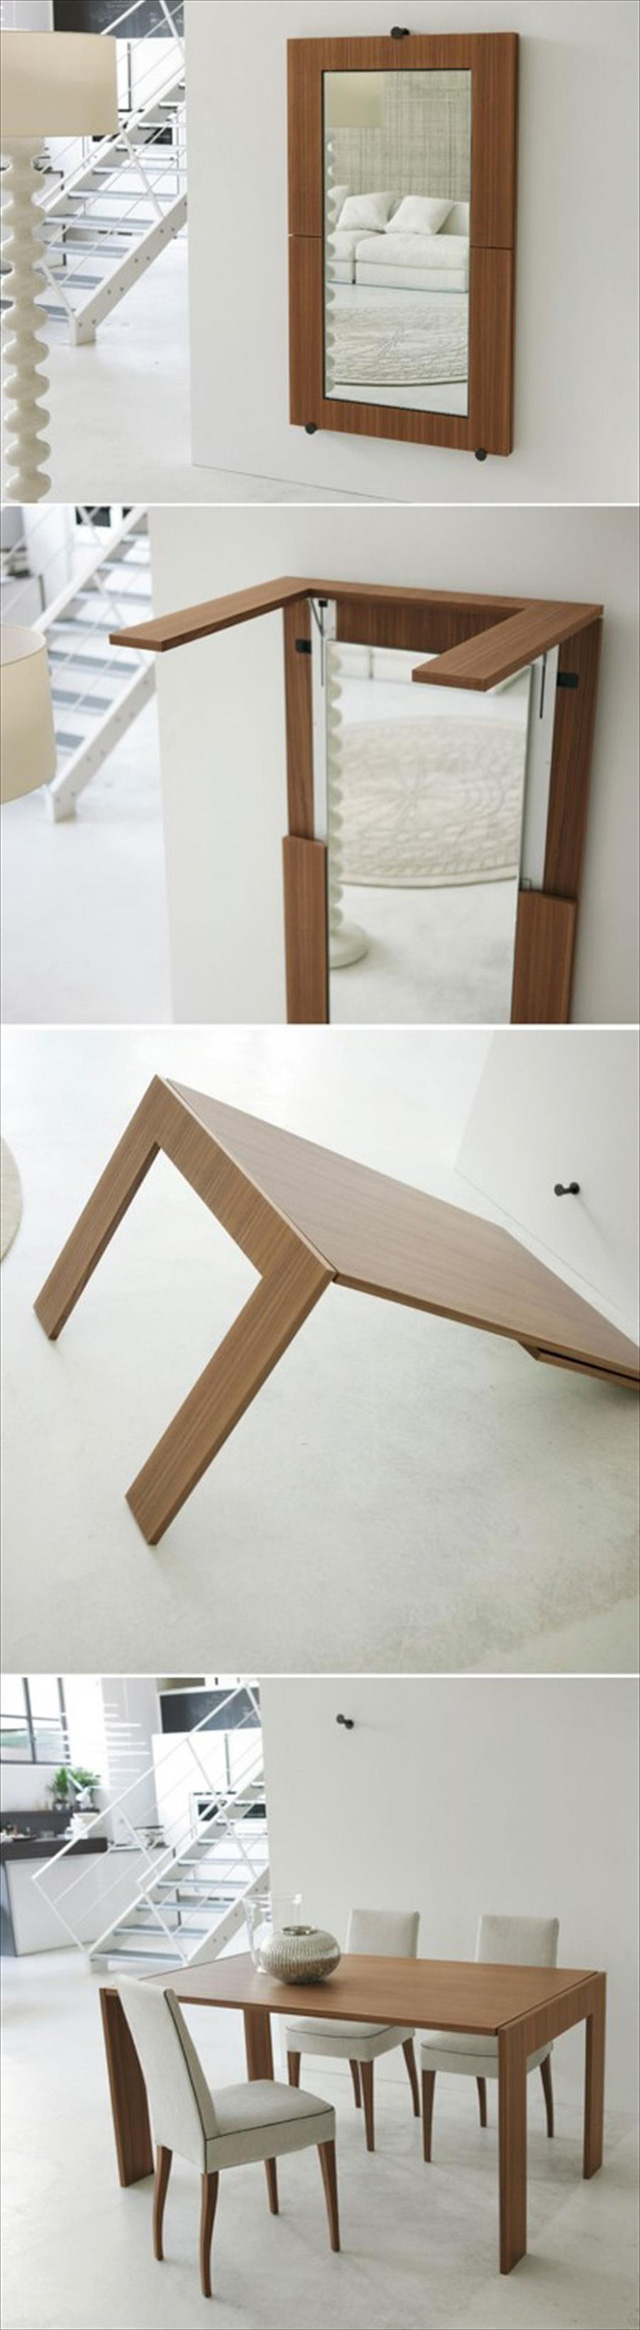 5. Một chiếc gương treo trên tường bỗng hô biến thành một chiếc bàn ăn tiện lợi. Một thiết kế đa năng sáng tạo và đẹp mắt.     6. Một chiếc giường ngủ dành cho khách là quá khả năng cho một ngôi nhà có diện tích nhỏ. Nhưng nếu bạn có nhiều bạn bè thường xuyên qua đêm tại nhà mình thì thiết kế bàn uống nước kiêm giường ngủ đơn này là một giải pháp hiệu quả.      7. Chiếc bàn đa năng này có khả năng biến hóa đa dạng, từ một bàn ngồi máy may, đến đựng đồ, rồi gấp đôi lại thì biến thành một bàn ngồi chơi trò chơi giải trí như ghép hình, cá ngựa, hoặc bạn có thể giải quyết bữa ăn sáng của mình ngay tại đây luôn.      8. Một chiếc tủ lạnh được gắn thêm một thanh kéo bằng gỗ với chiều rộng hẹp nhưng lại giúp chủ nhà tận dụng được diện tích và sắp xếp rất nhiều bánh kẹo và đồ ăn phía trong.   Theo Afamily/Apartment